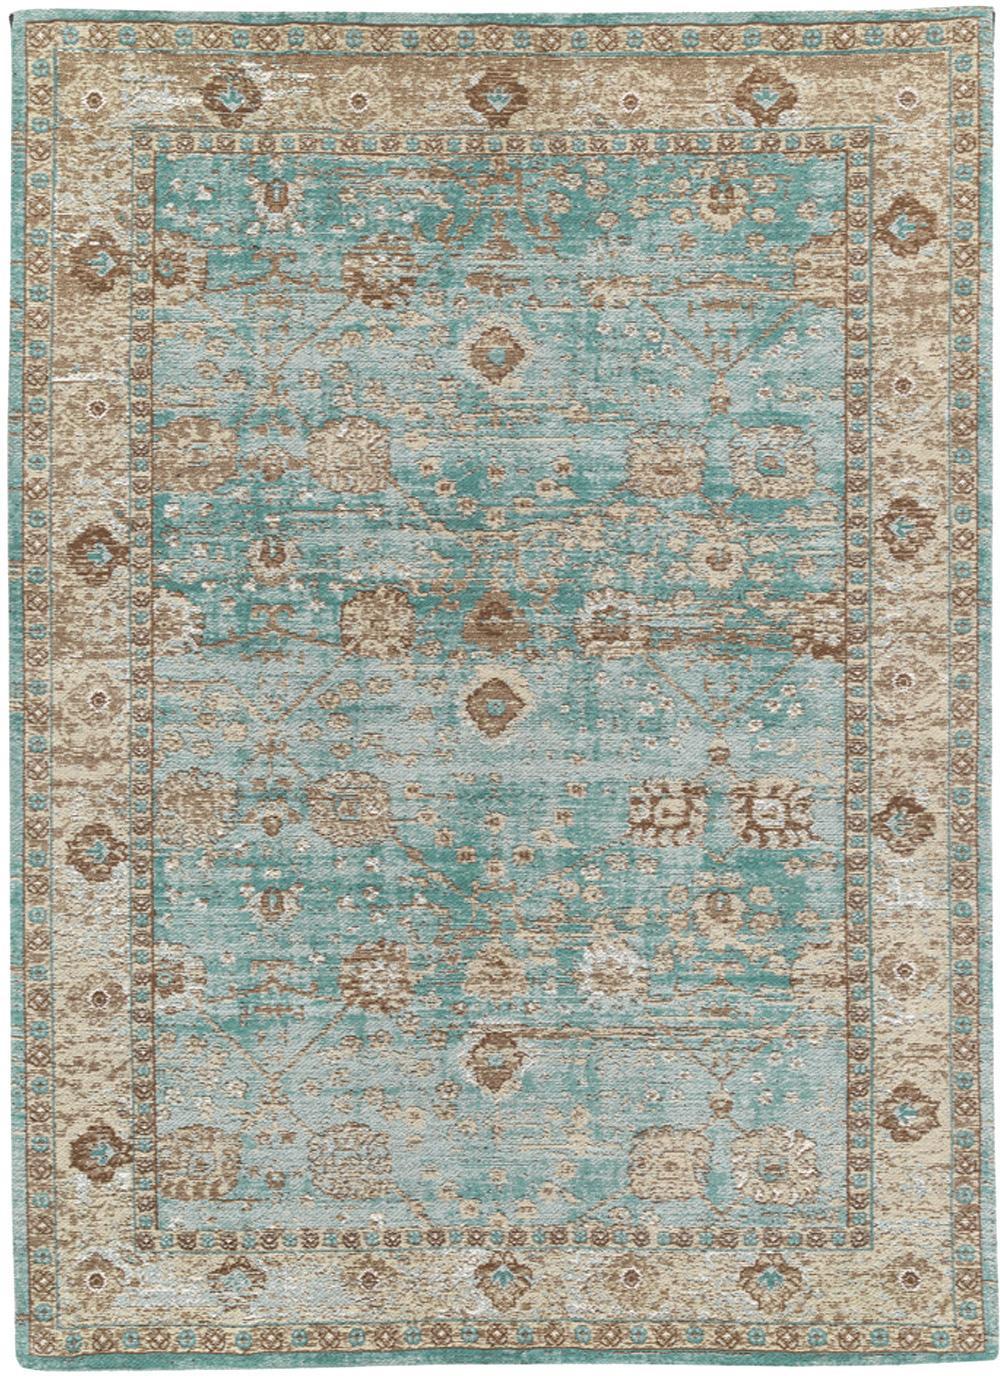 Handgeweven chenille vloerkleed Rimini, Bovenzijde: 95% katoen, 5% polyester, Onderzijde: 100% katoen, Turquoise, taupe, bruin, 120 x 180 cm